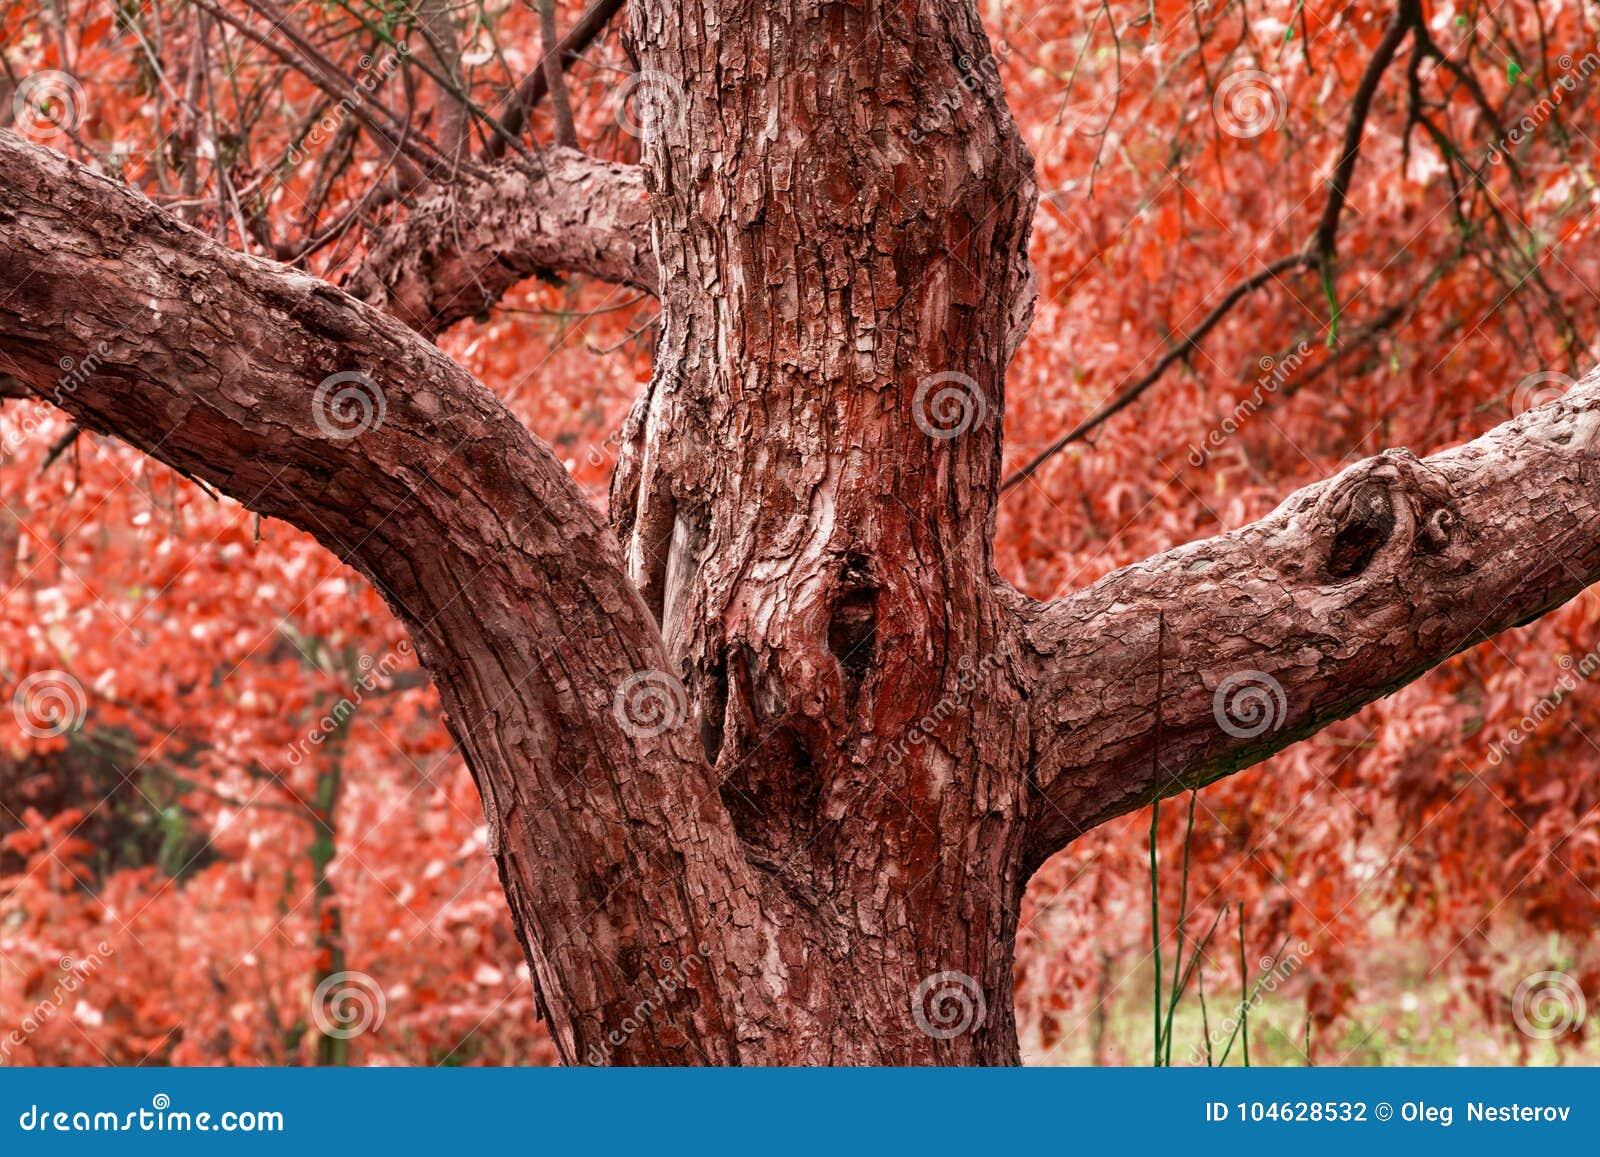 Download Interessante Boom In De Herfst Op Een Achtergrond Van Rood Gebladerte Stock Foto - Afbeelding bestaande uit textuur, boomstam: 104628532